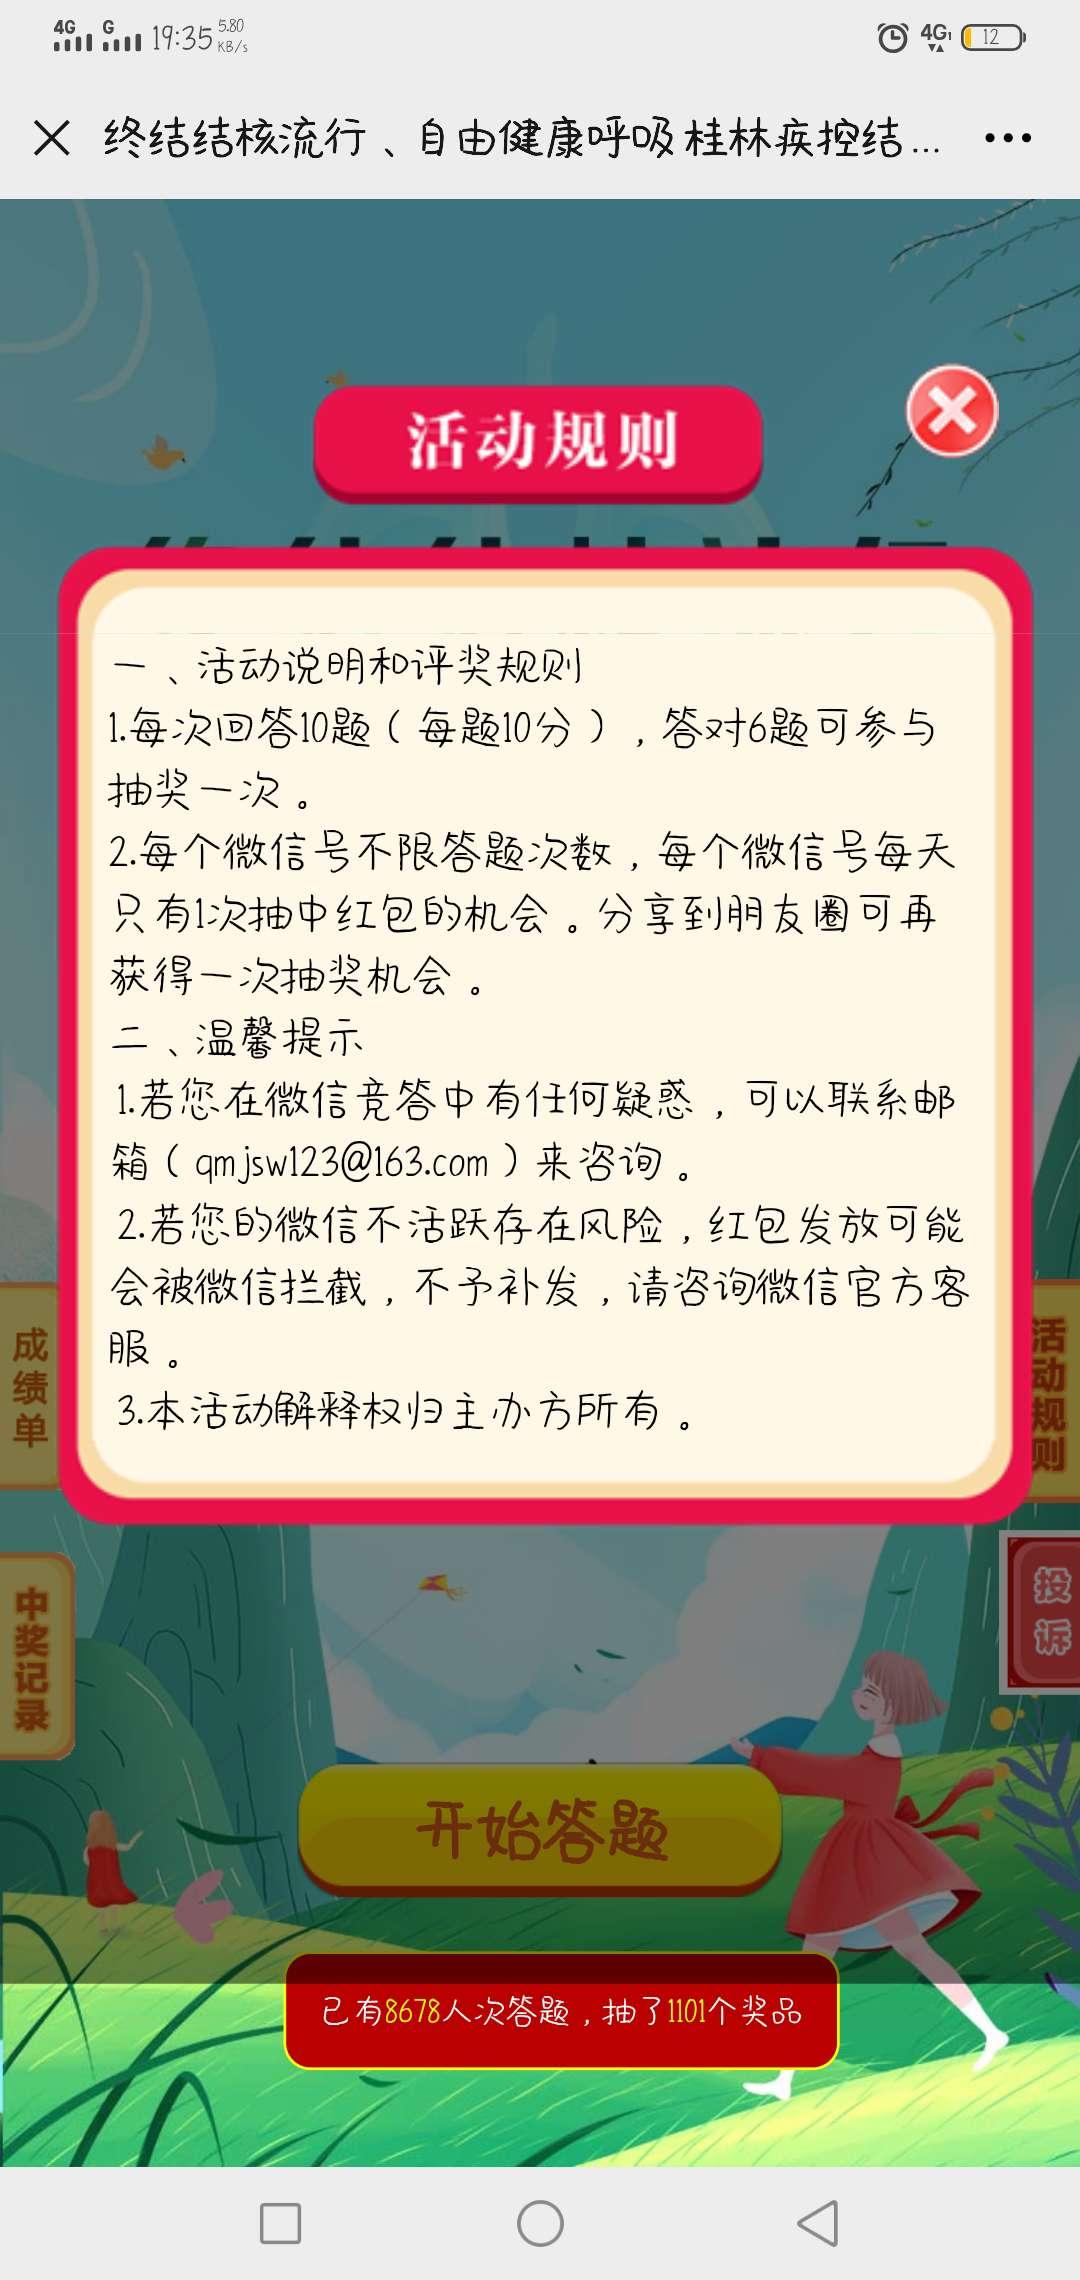 桂林疾控结防知识竞赛抽红包